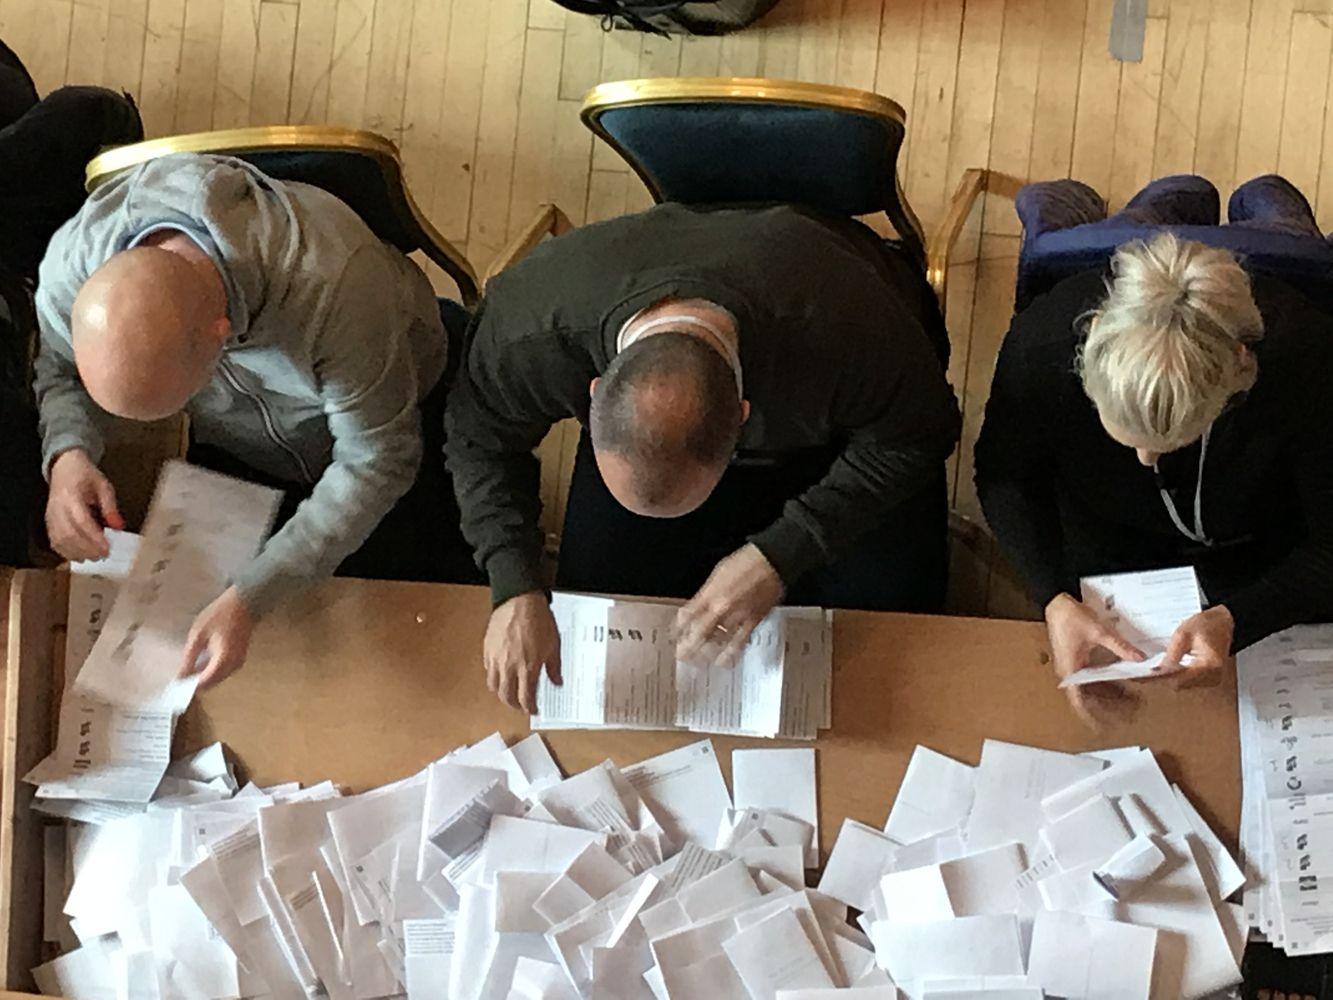 """JK rinkėjai vietos rinkimuose nusisuko nuo pagrindinių partijų dėl """"Brexit"""" aklavietės"""